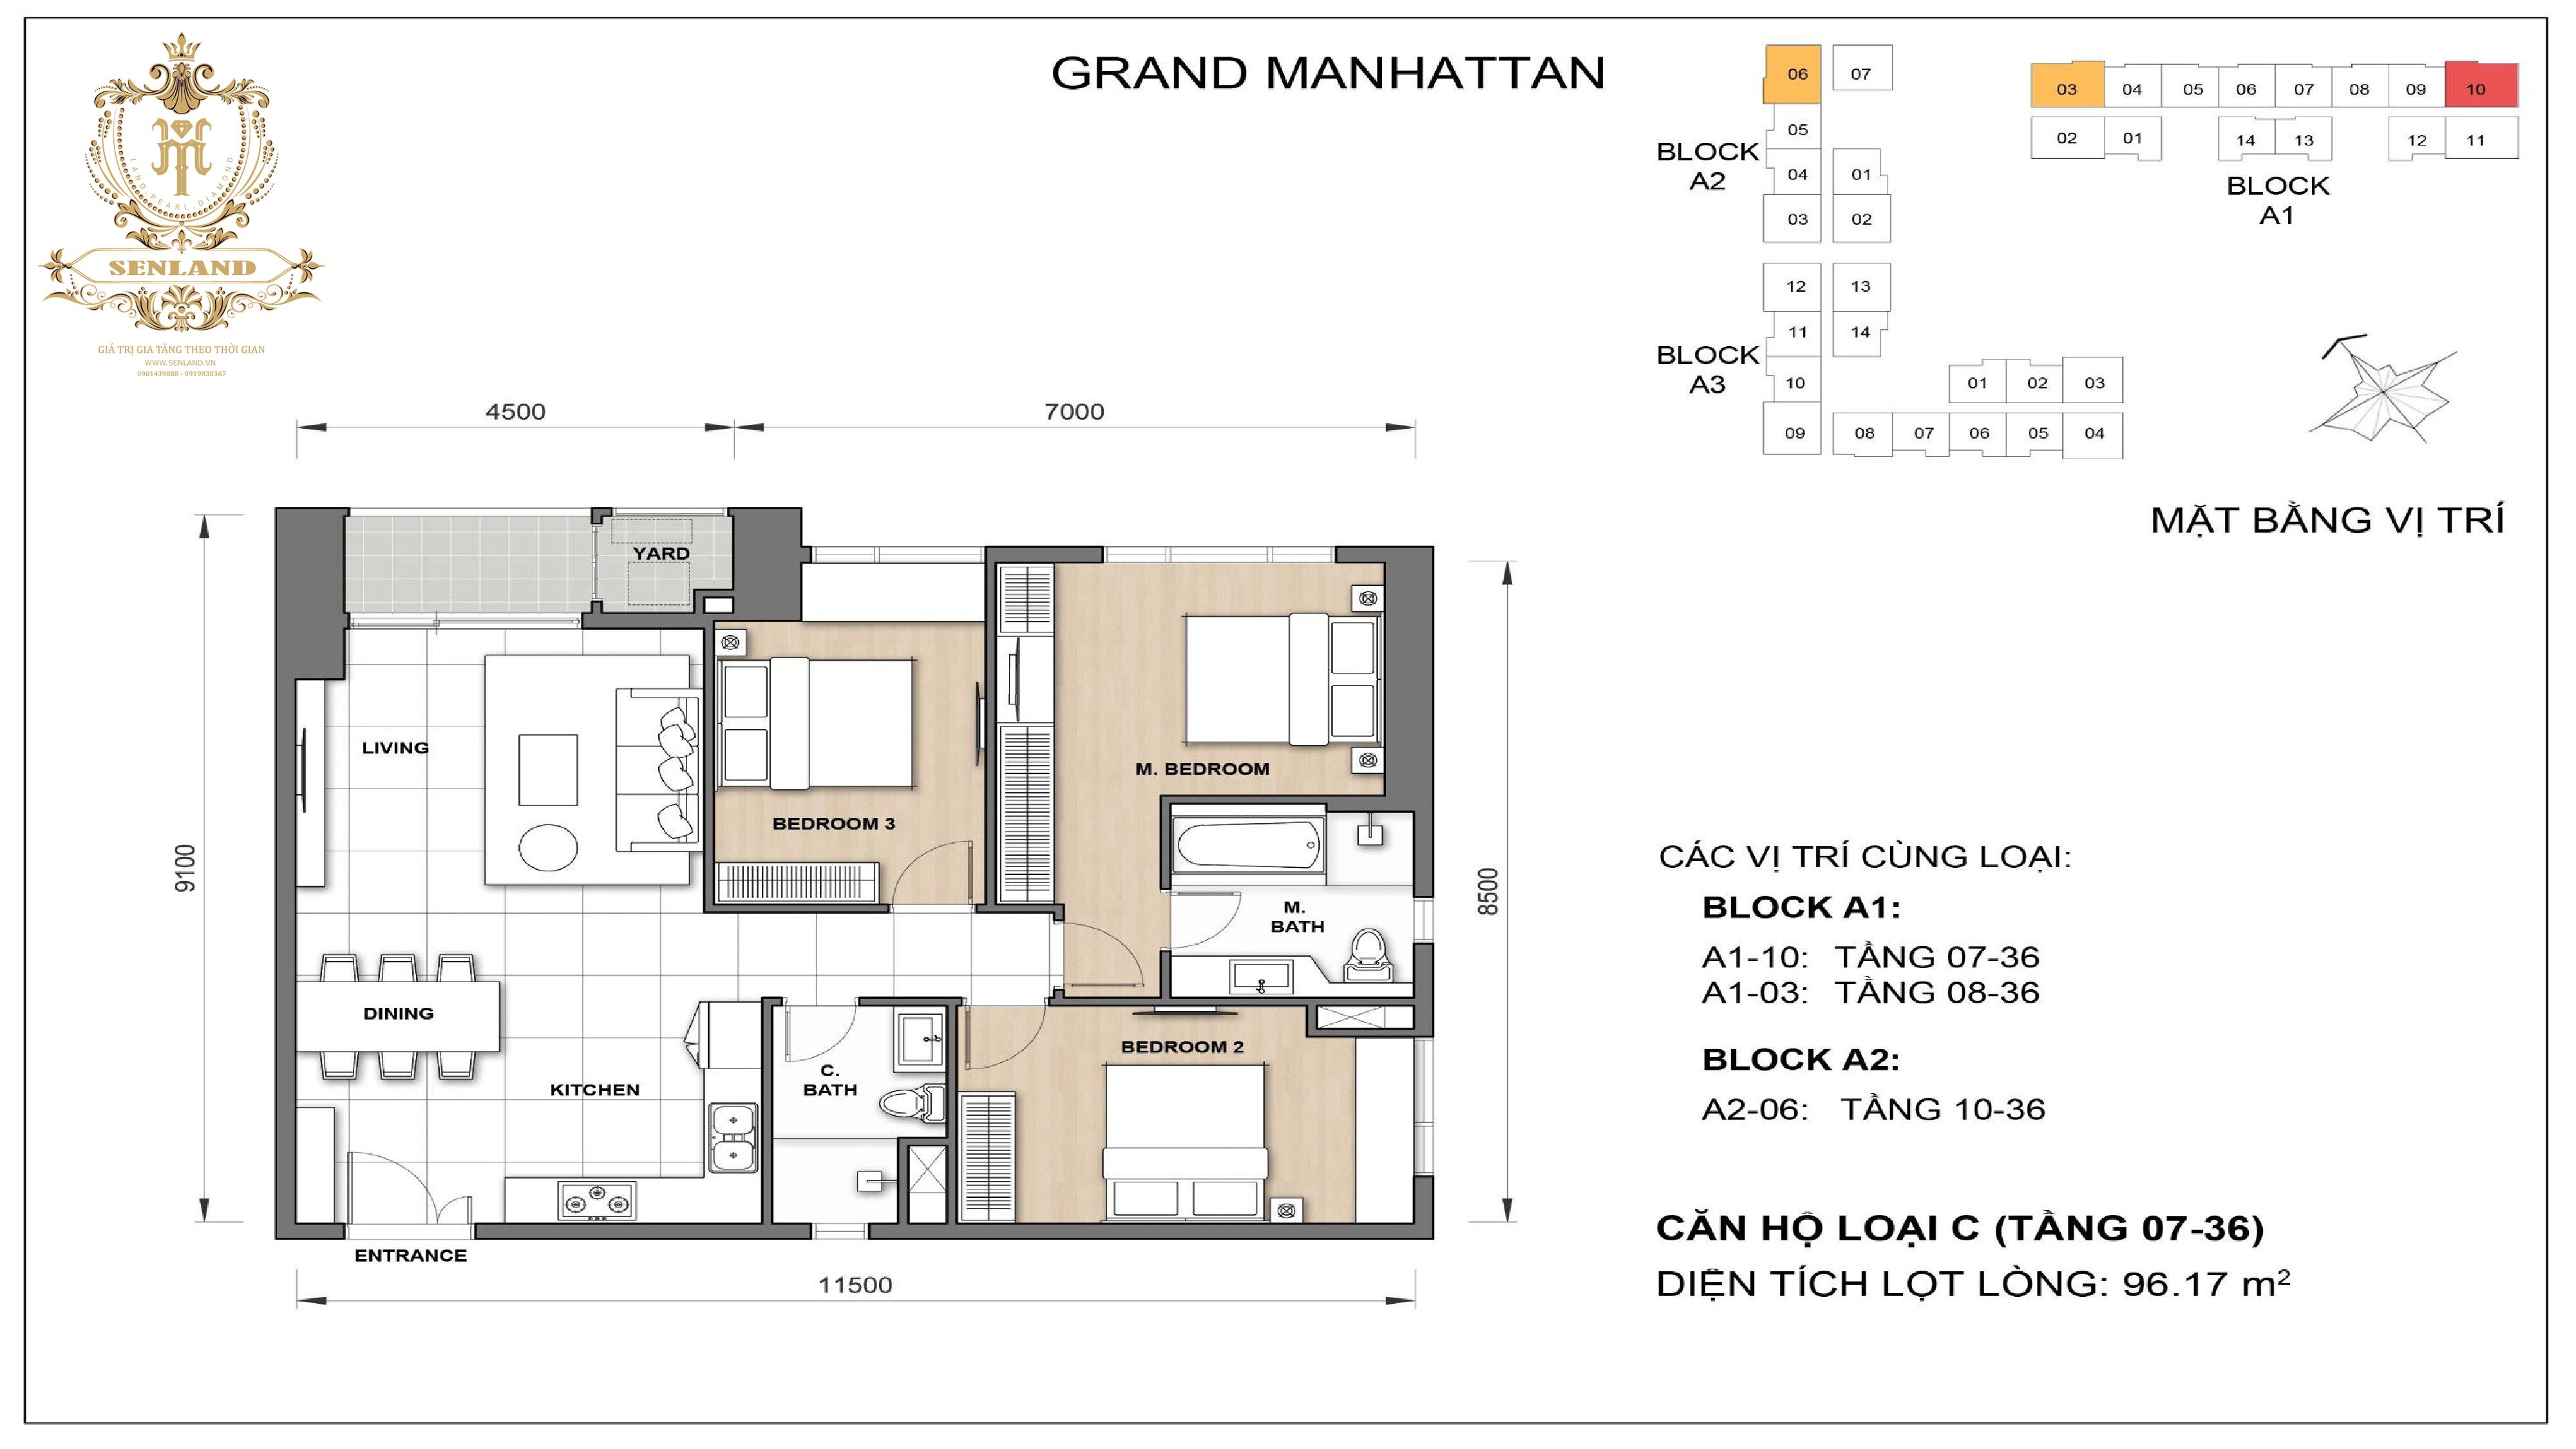 FILE-GII-THIU-THAP-THE-GRAND-MANHATTAN-2019-06-0535-00.jpg